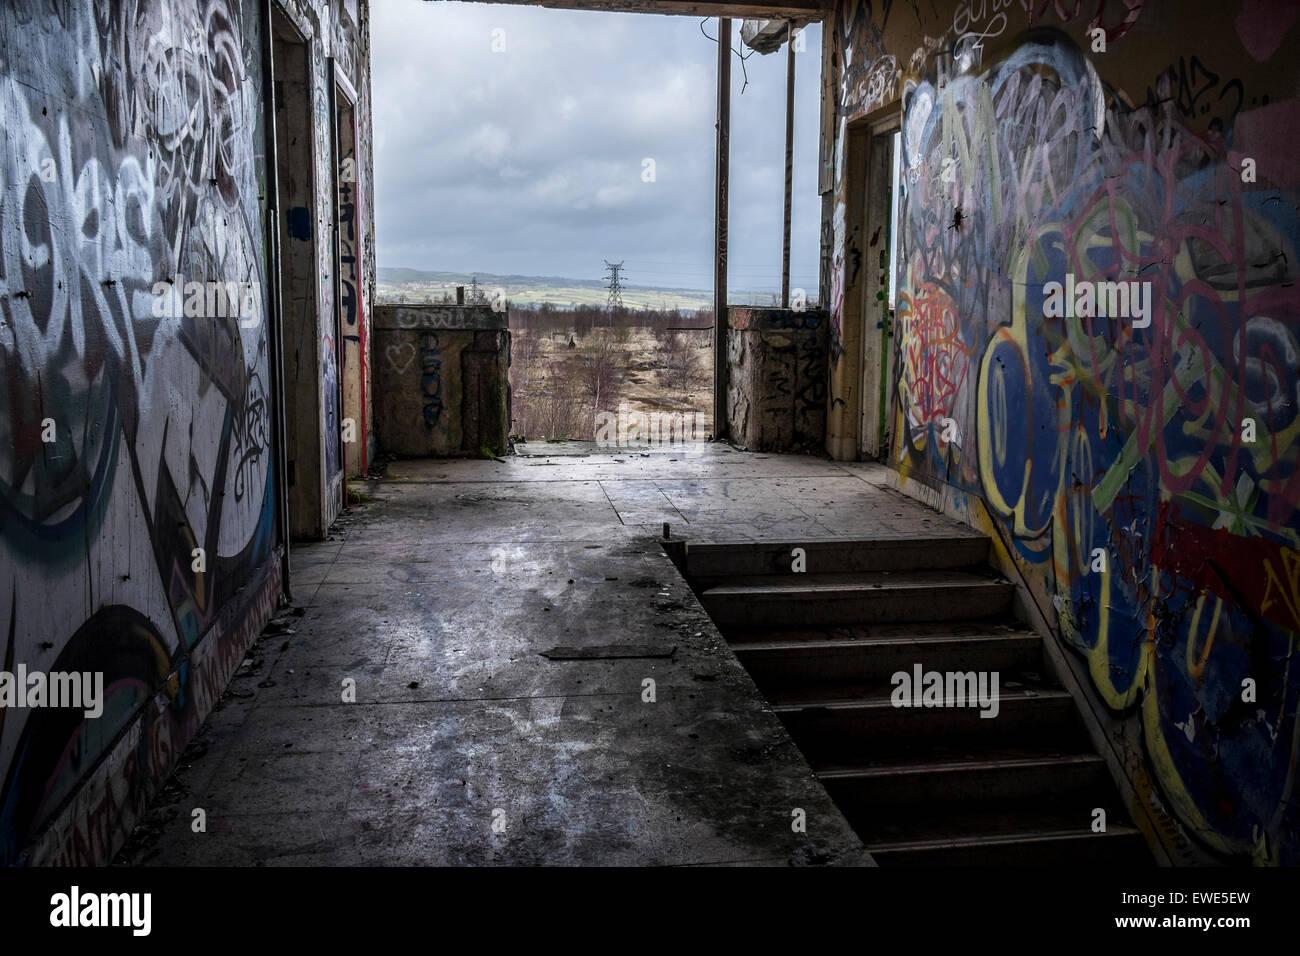 Eine Alte Treppe In Einem Stillgelegten Burogebaude Ohne Fenster Und